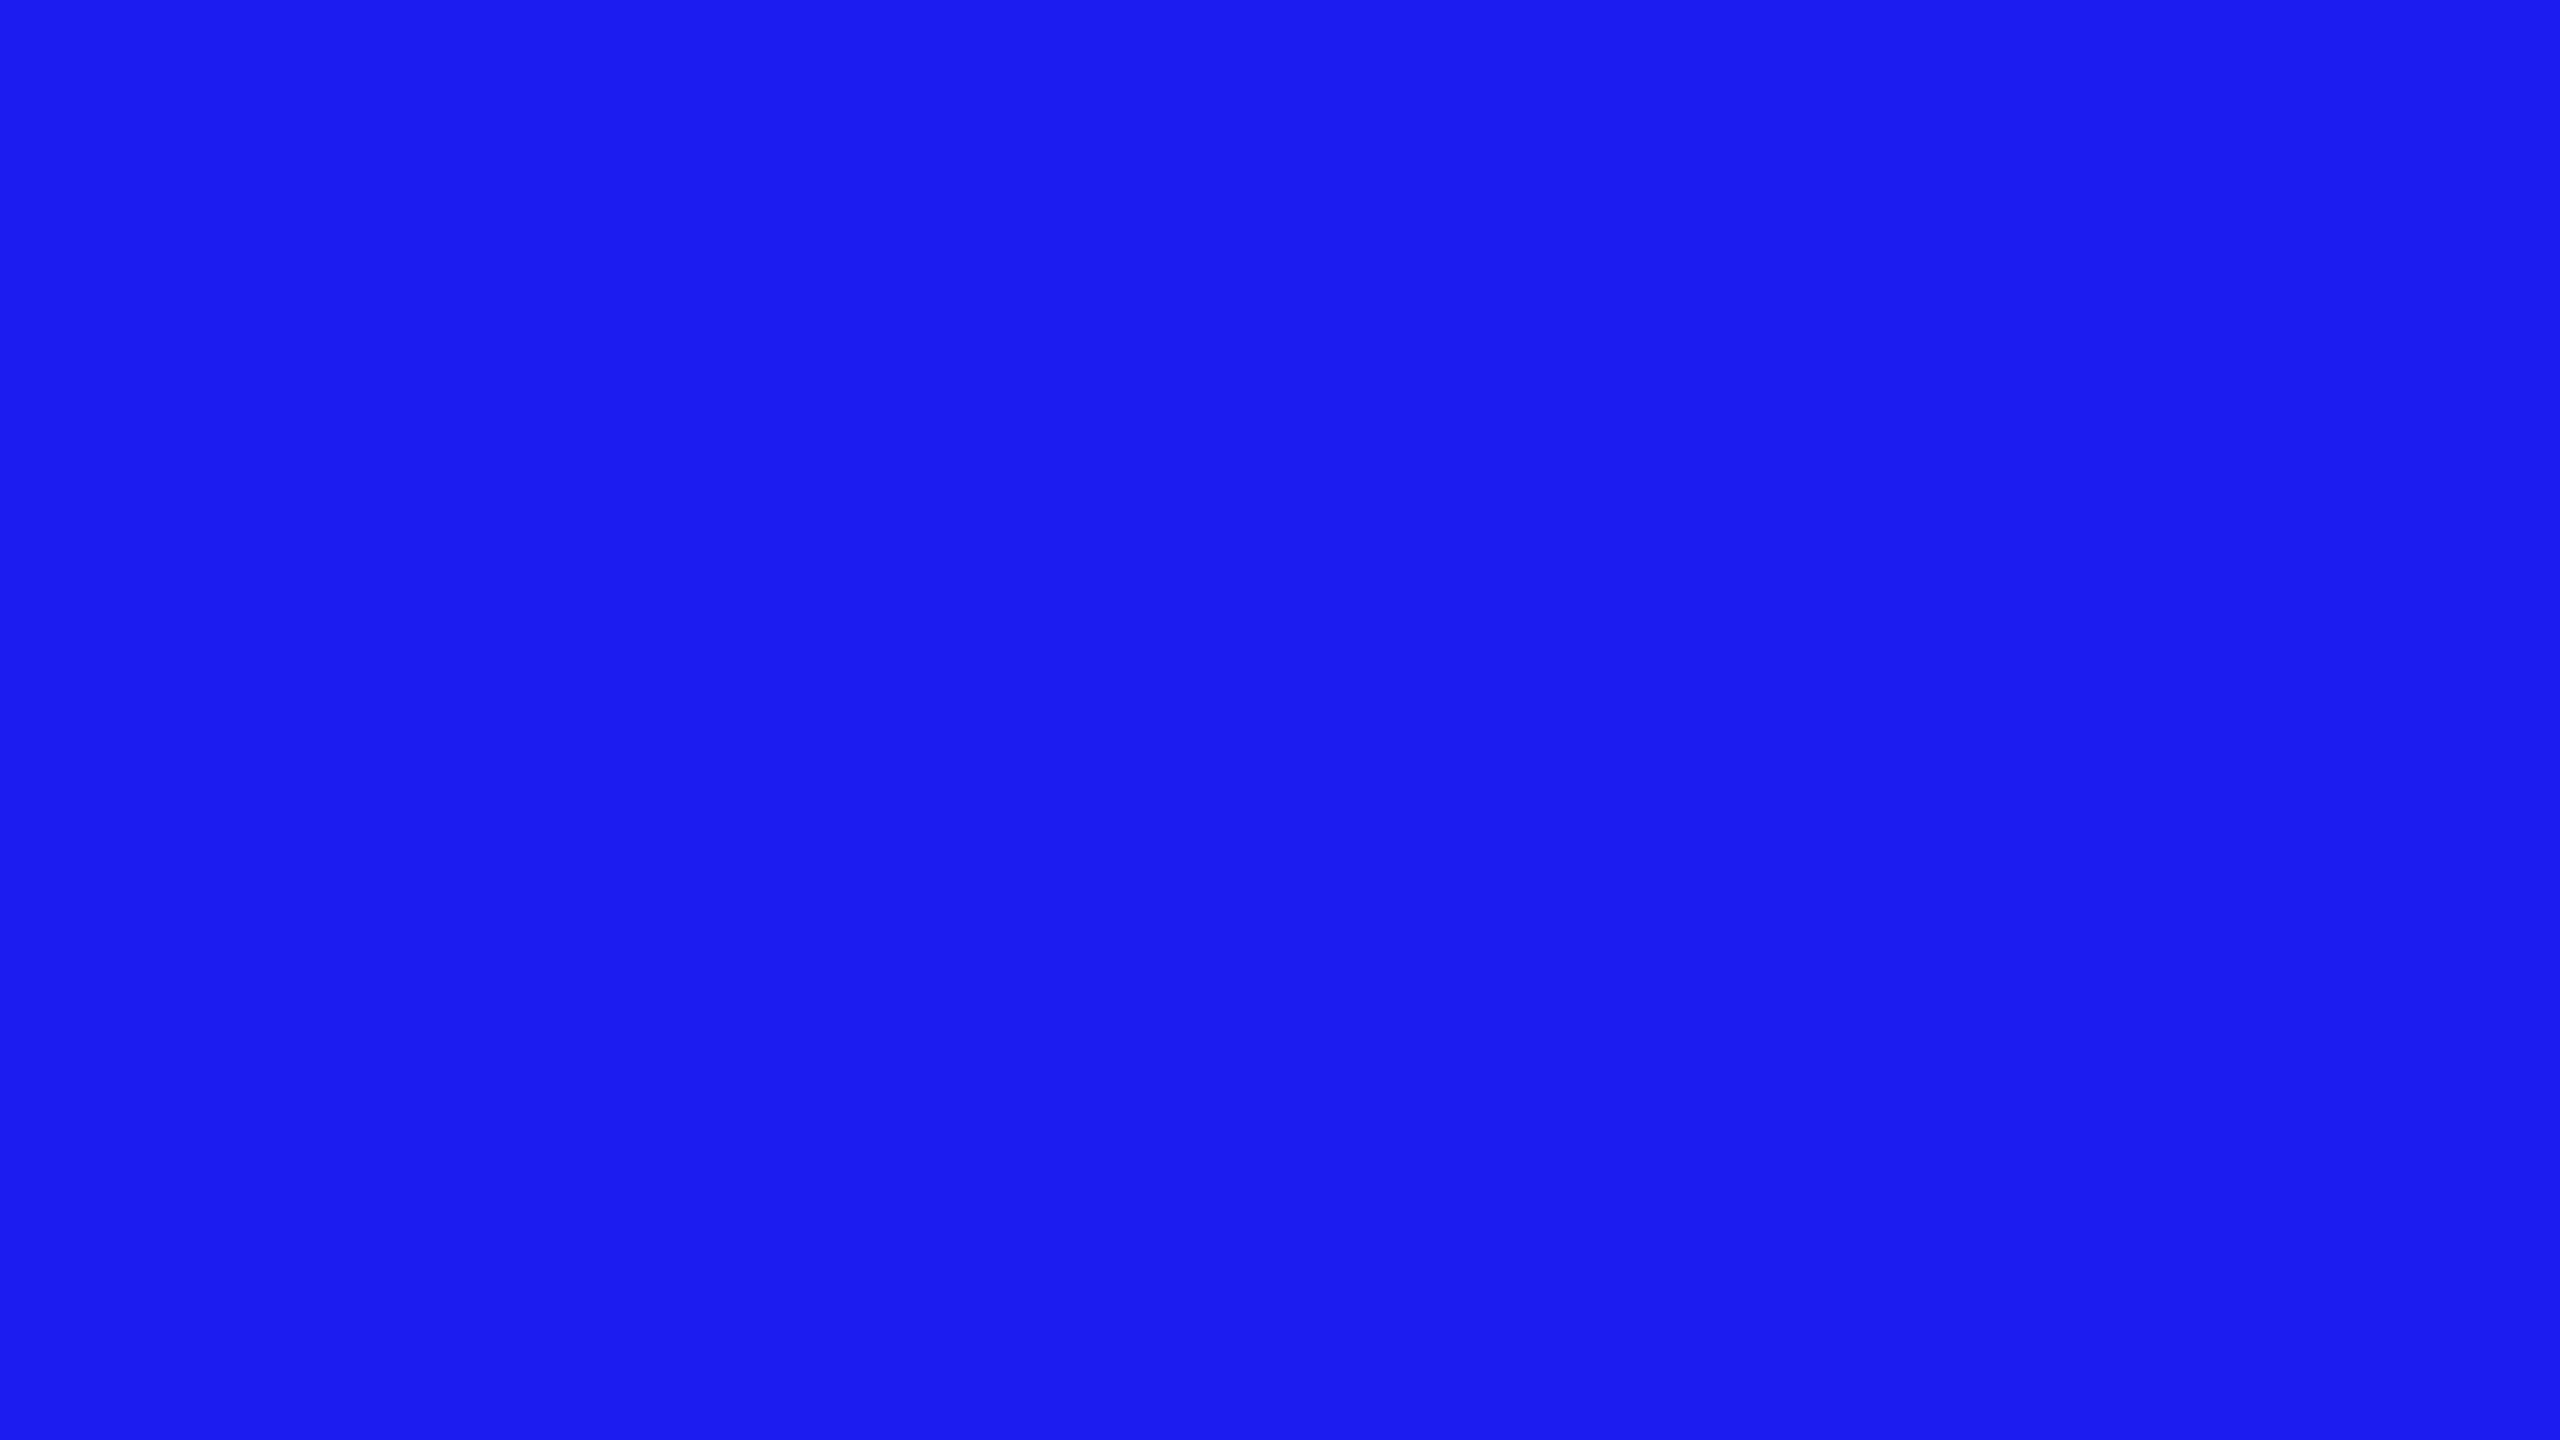 2560x1440 Bluebonnet Solid Color Background